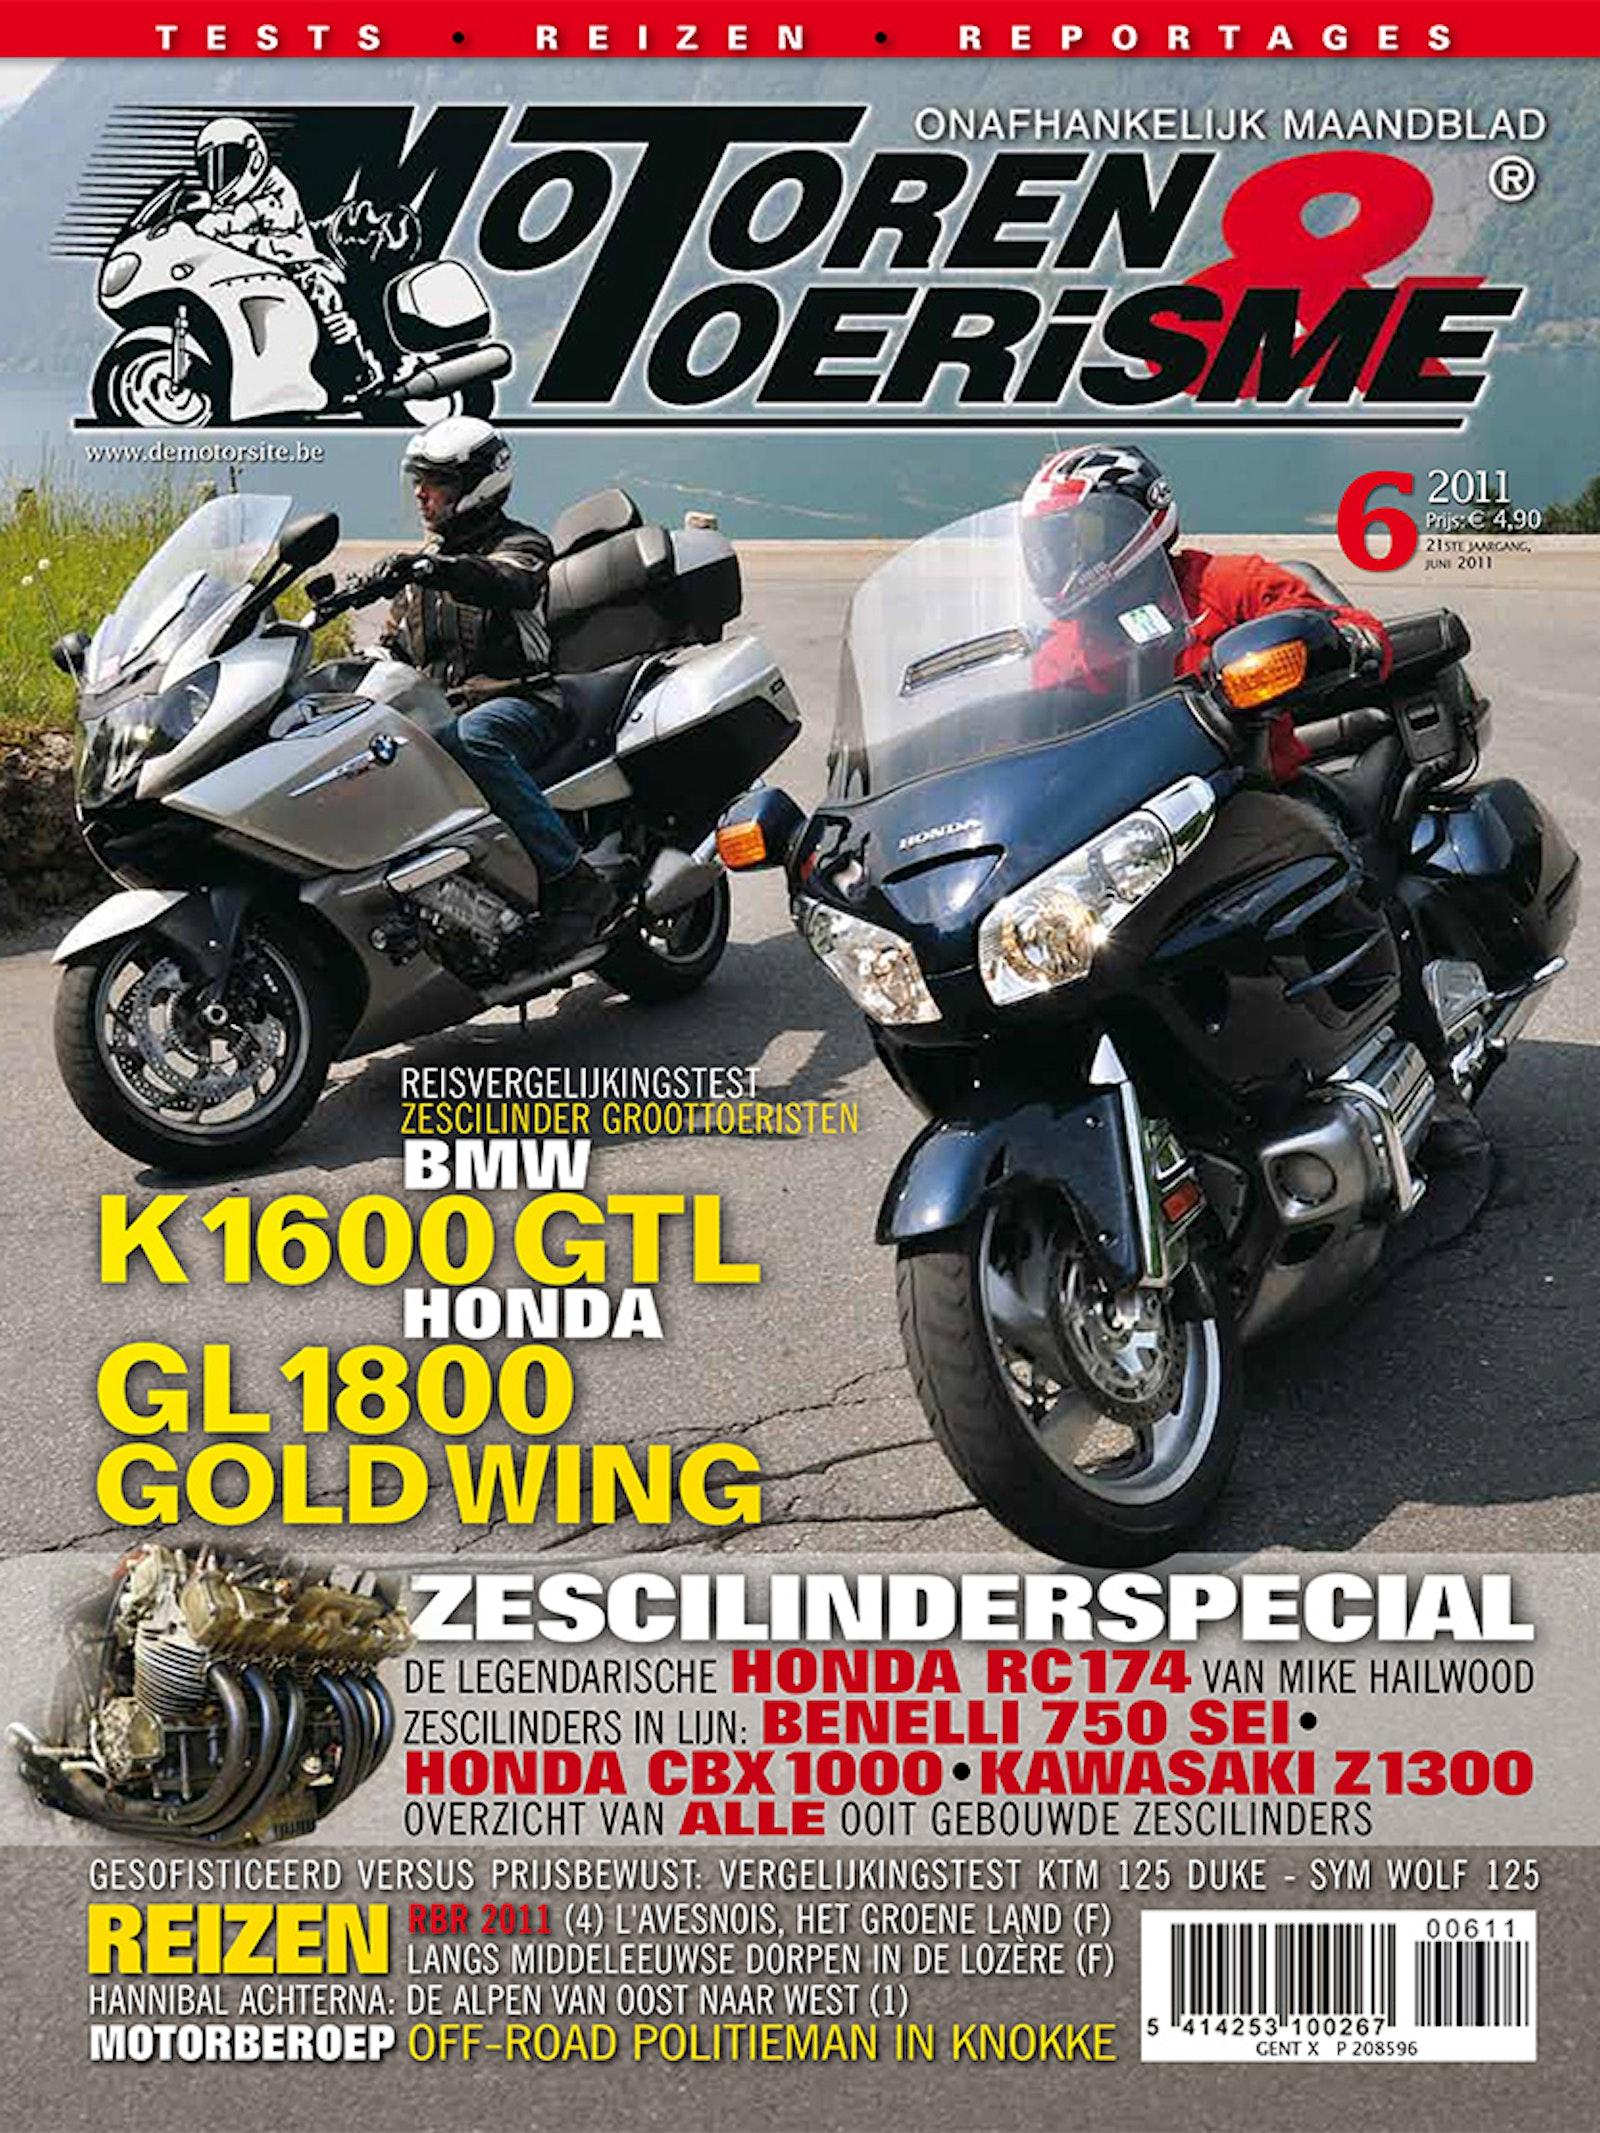 Retro: Kawasaki H1R (1970) | Motoren en Toerisme | Honda